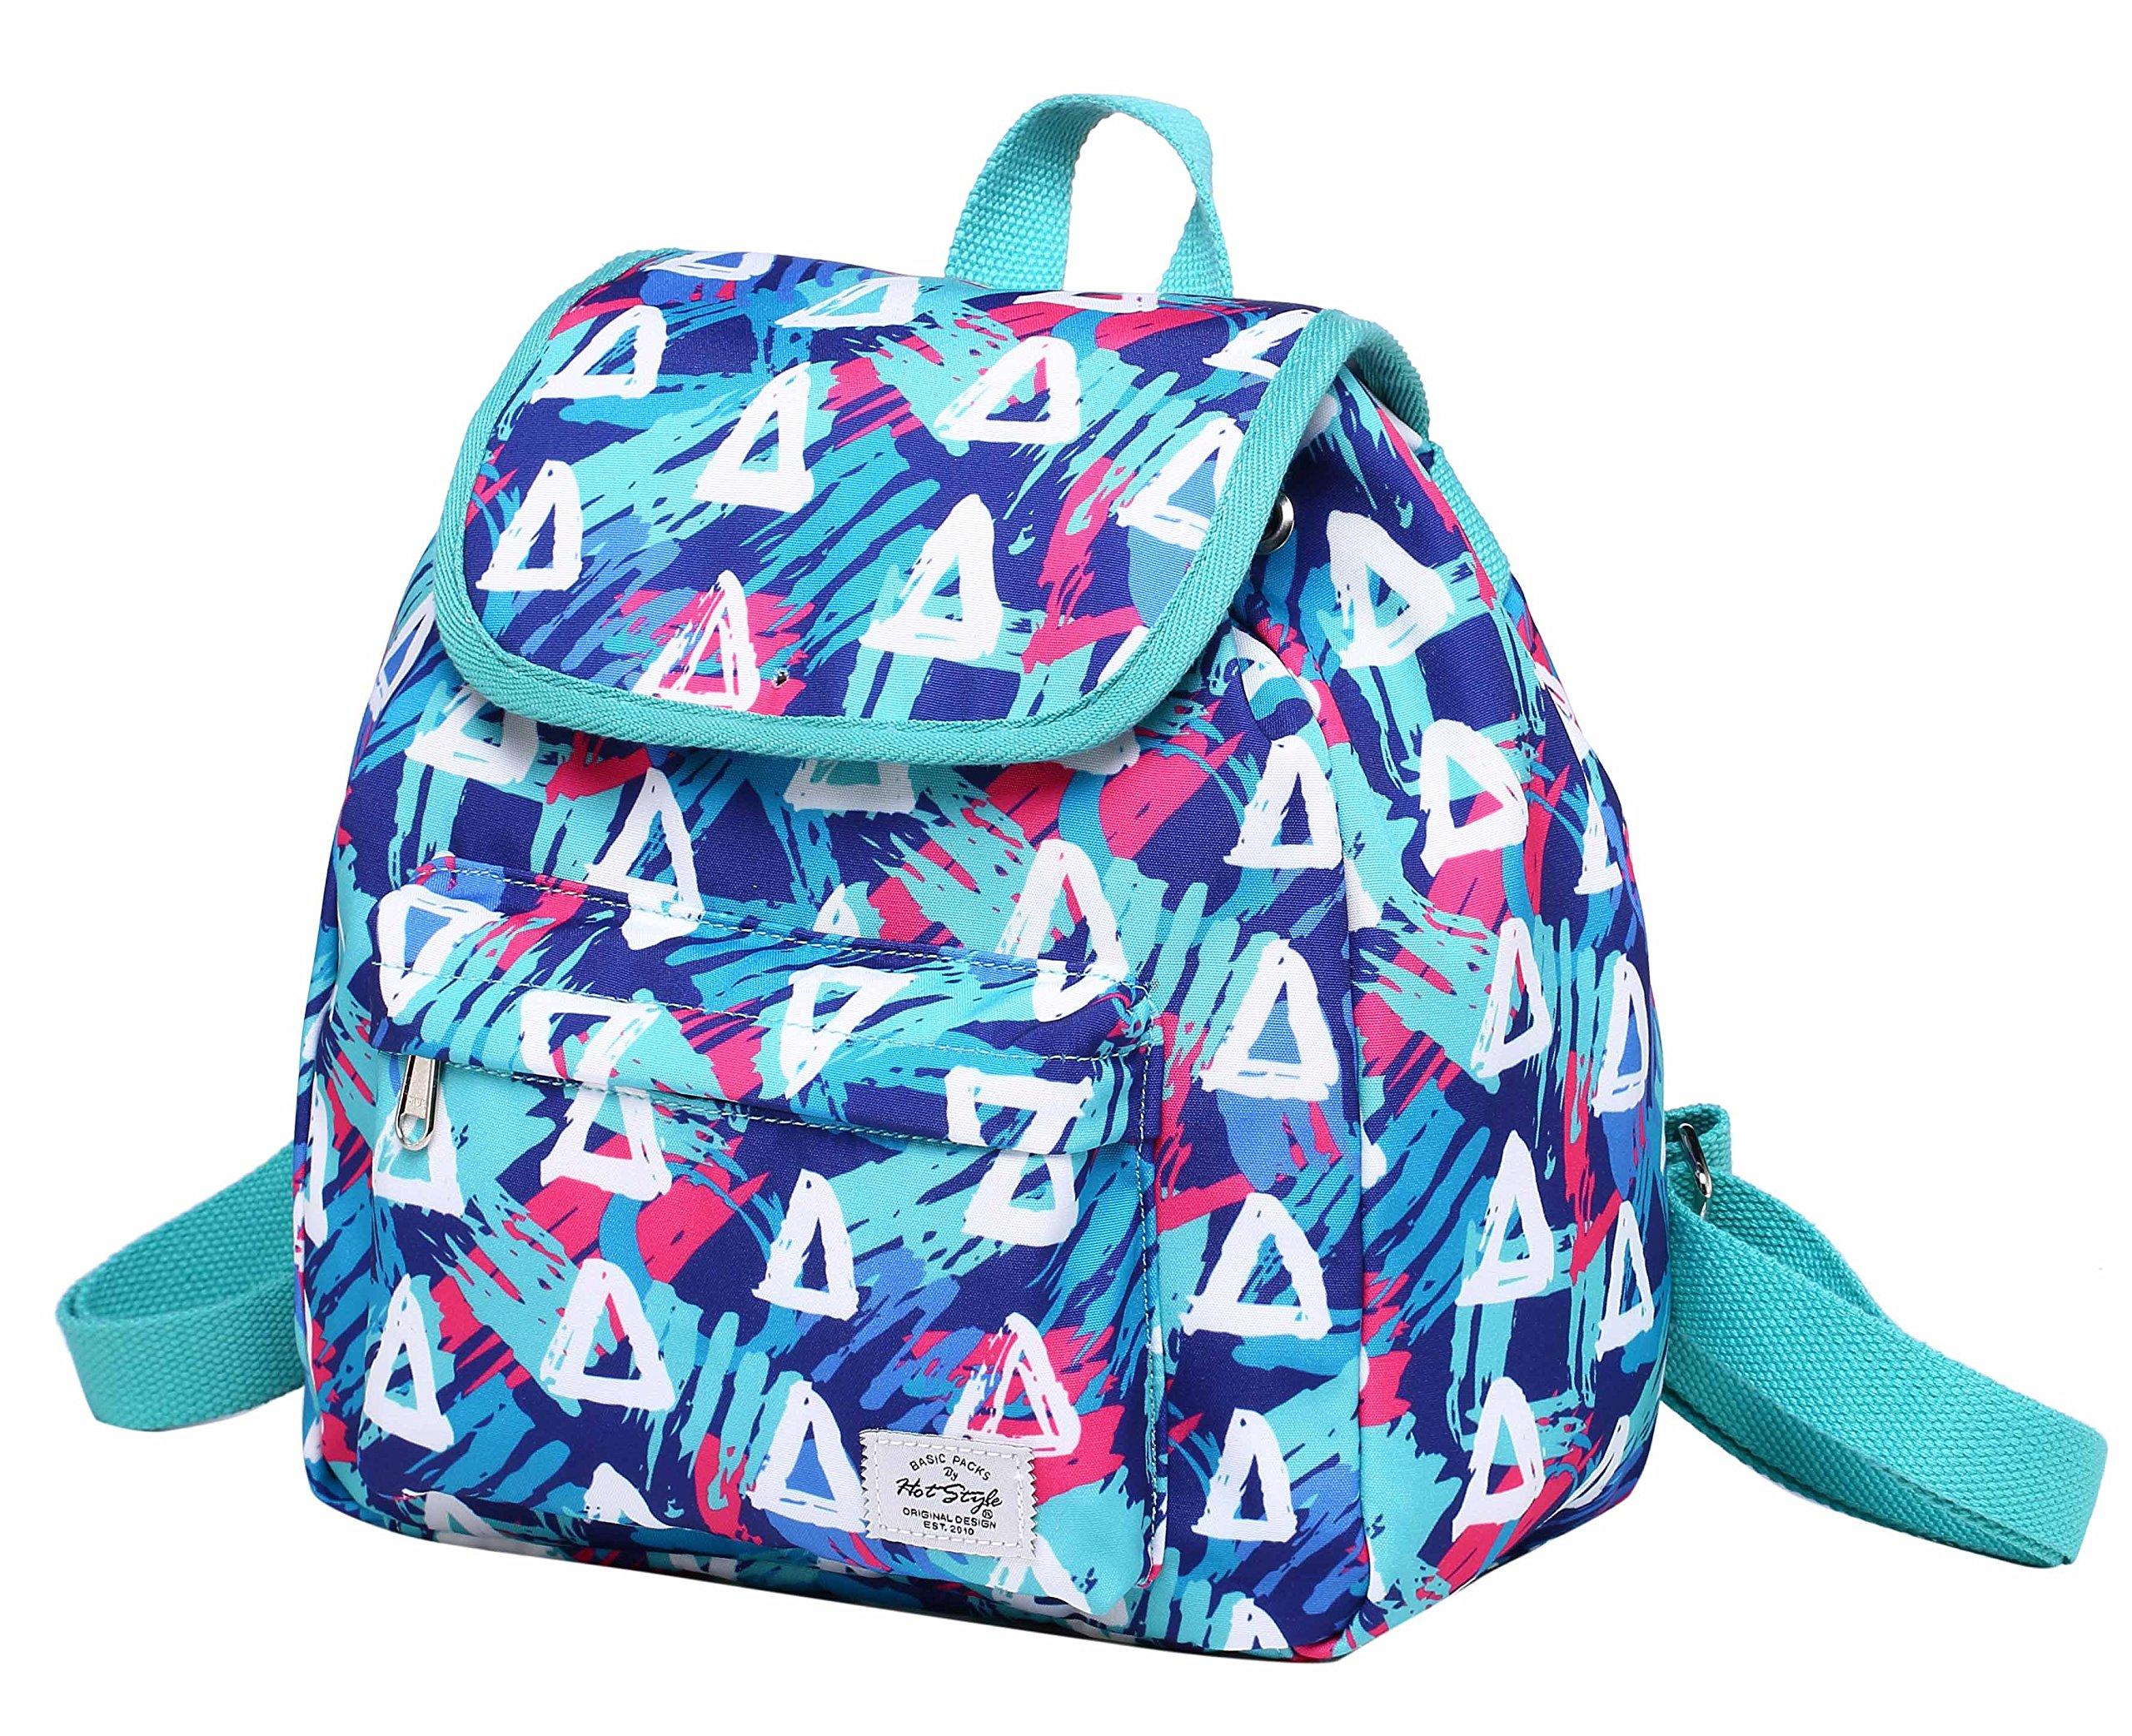 MIETTE Small Backpack Purse Flap Bag | Fits iPad Mini | 11''x9.8''x5.1 | Geometrics, SkyBlue